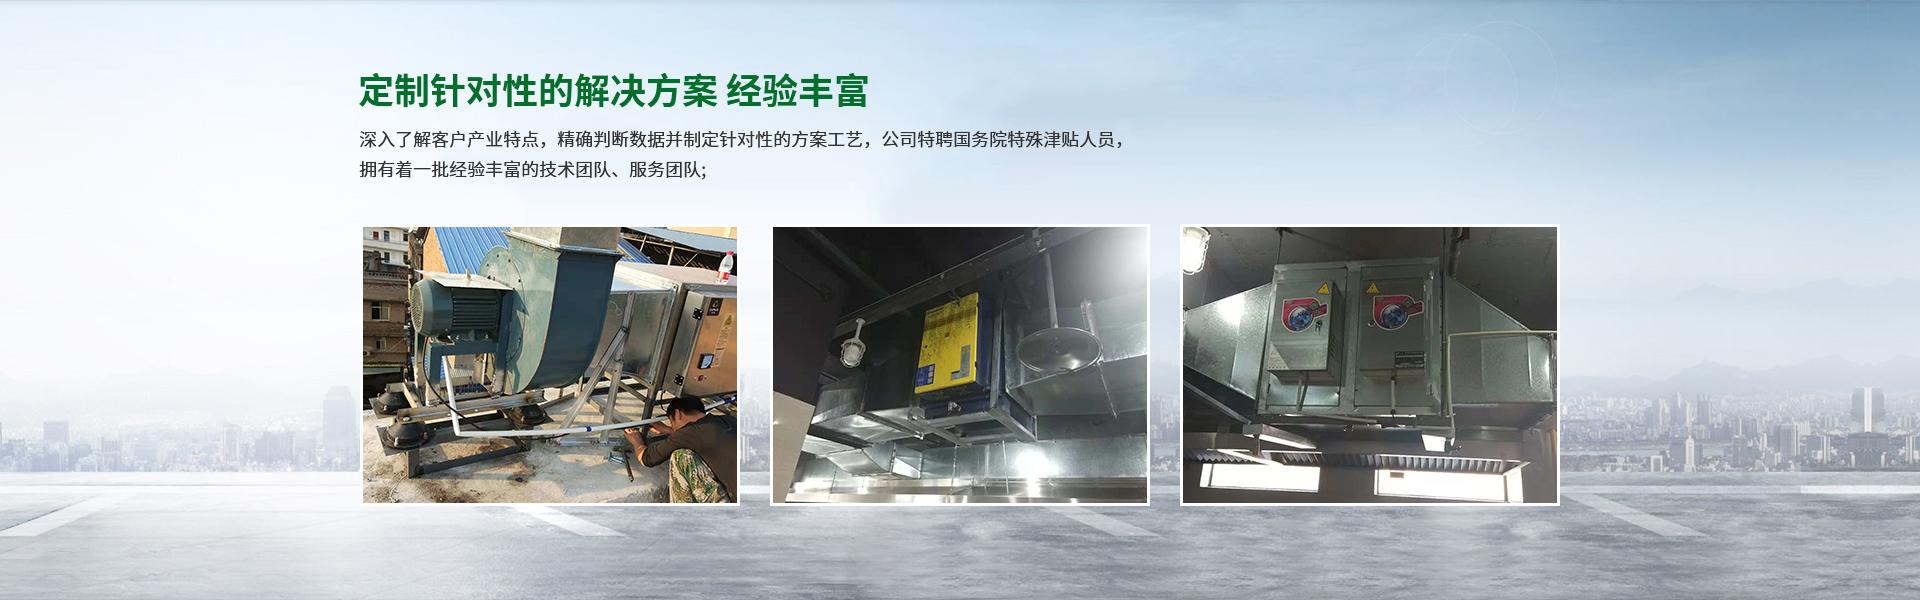 重庆污水治理公司